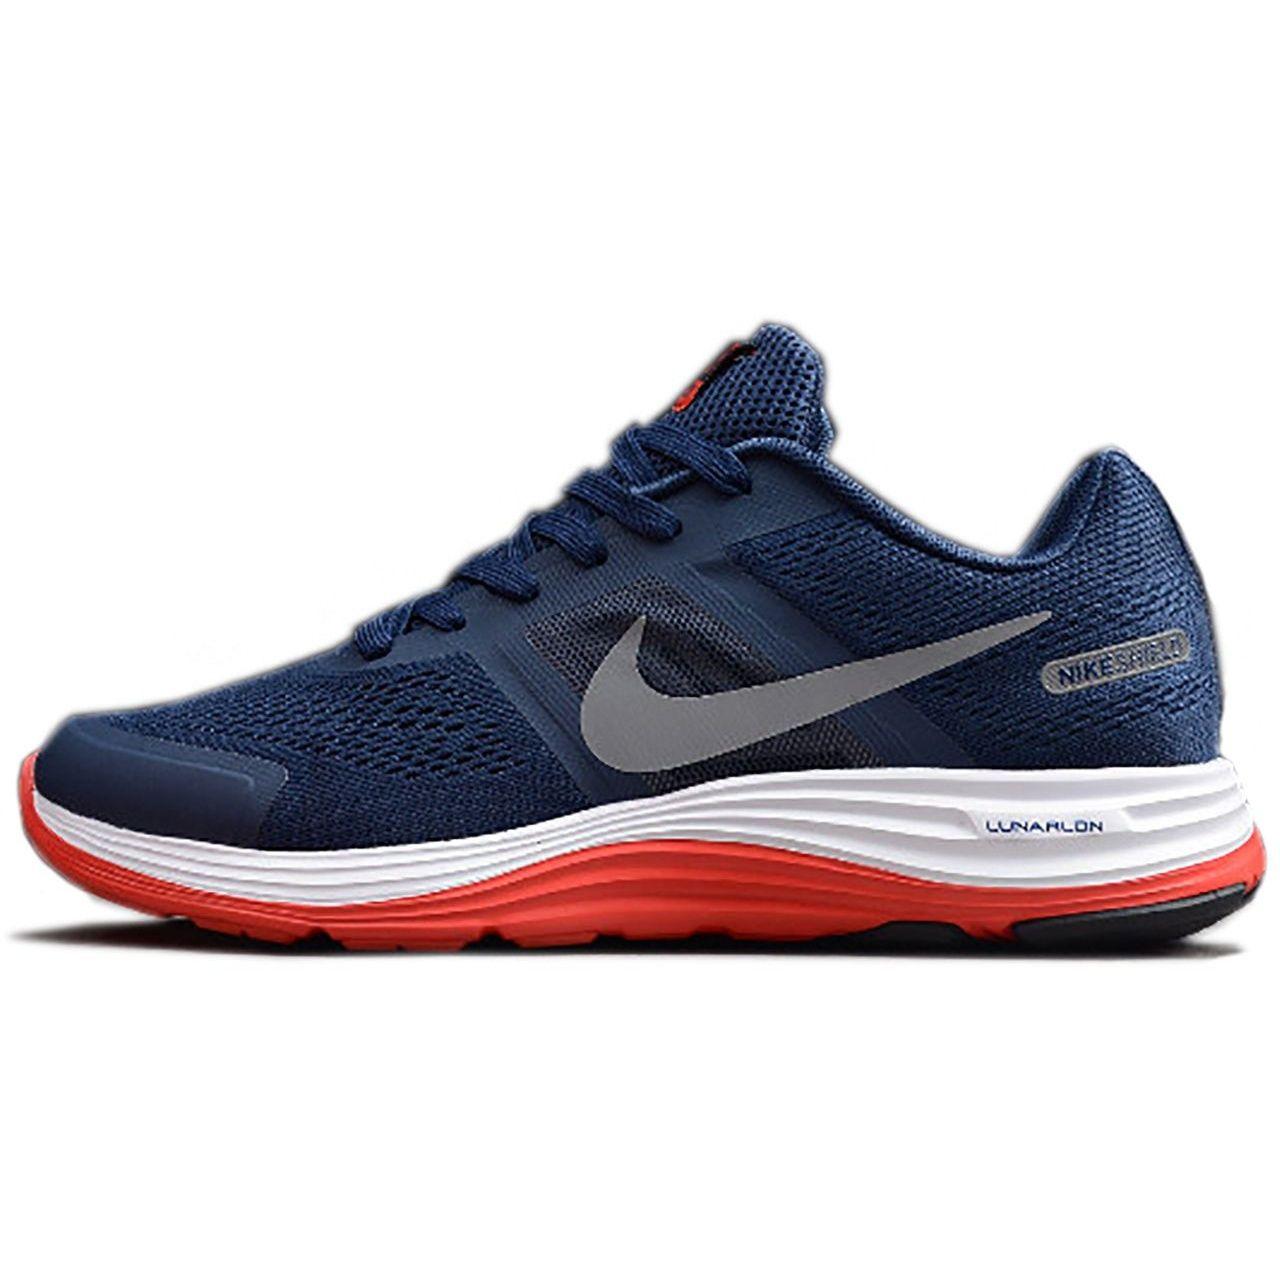 کفش مخصوص پیاده روی مردانه نایکی مدل Air Pegasus 30X Navy 803268-004  main 1 2